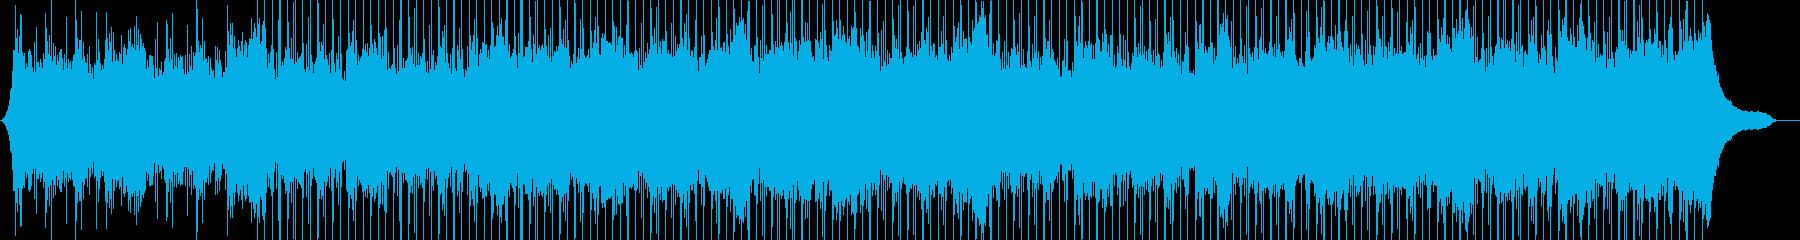 企業VP116、爽快、シンプル、ピアノaの再生済みの波形